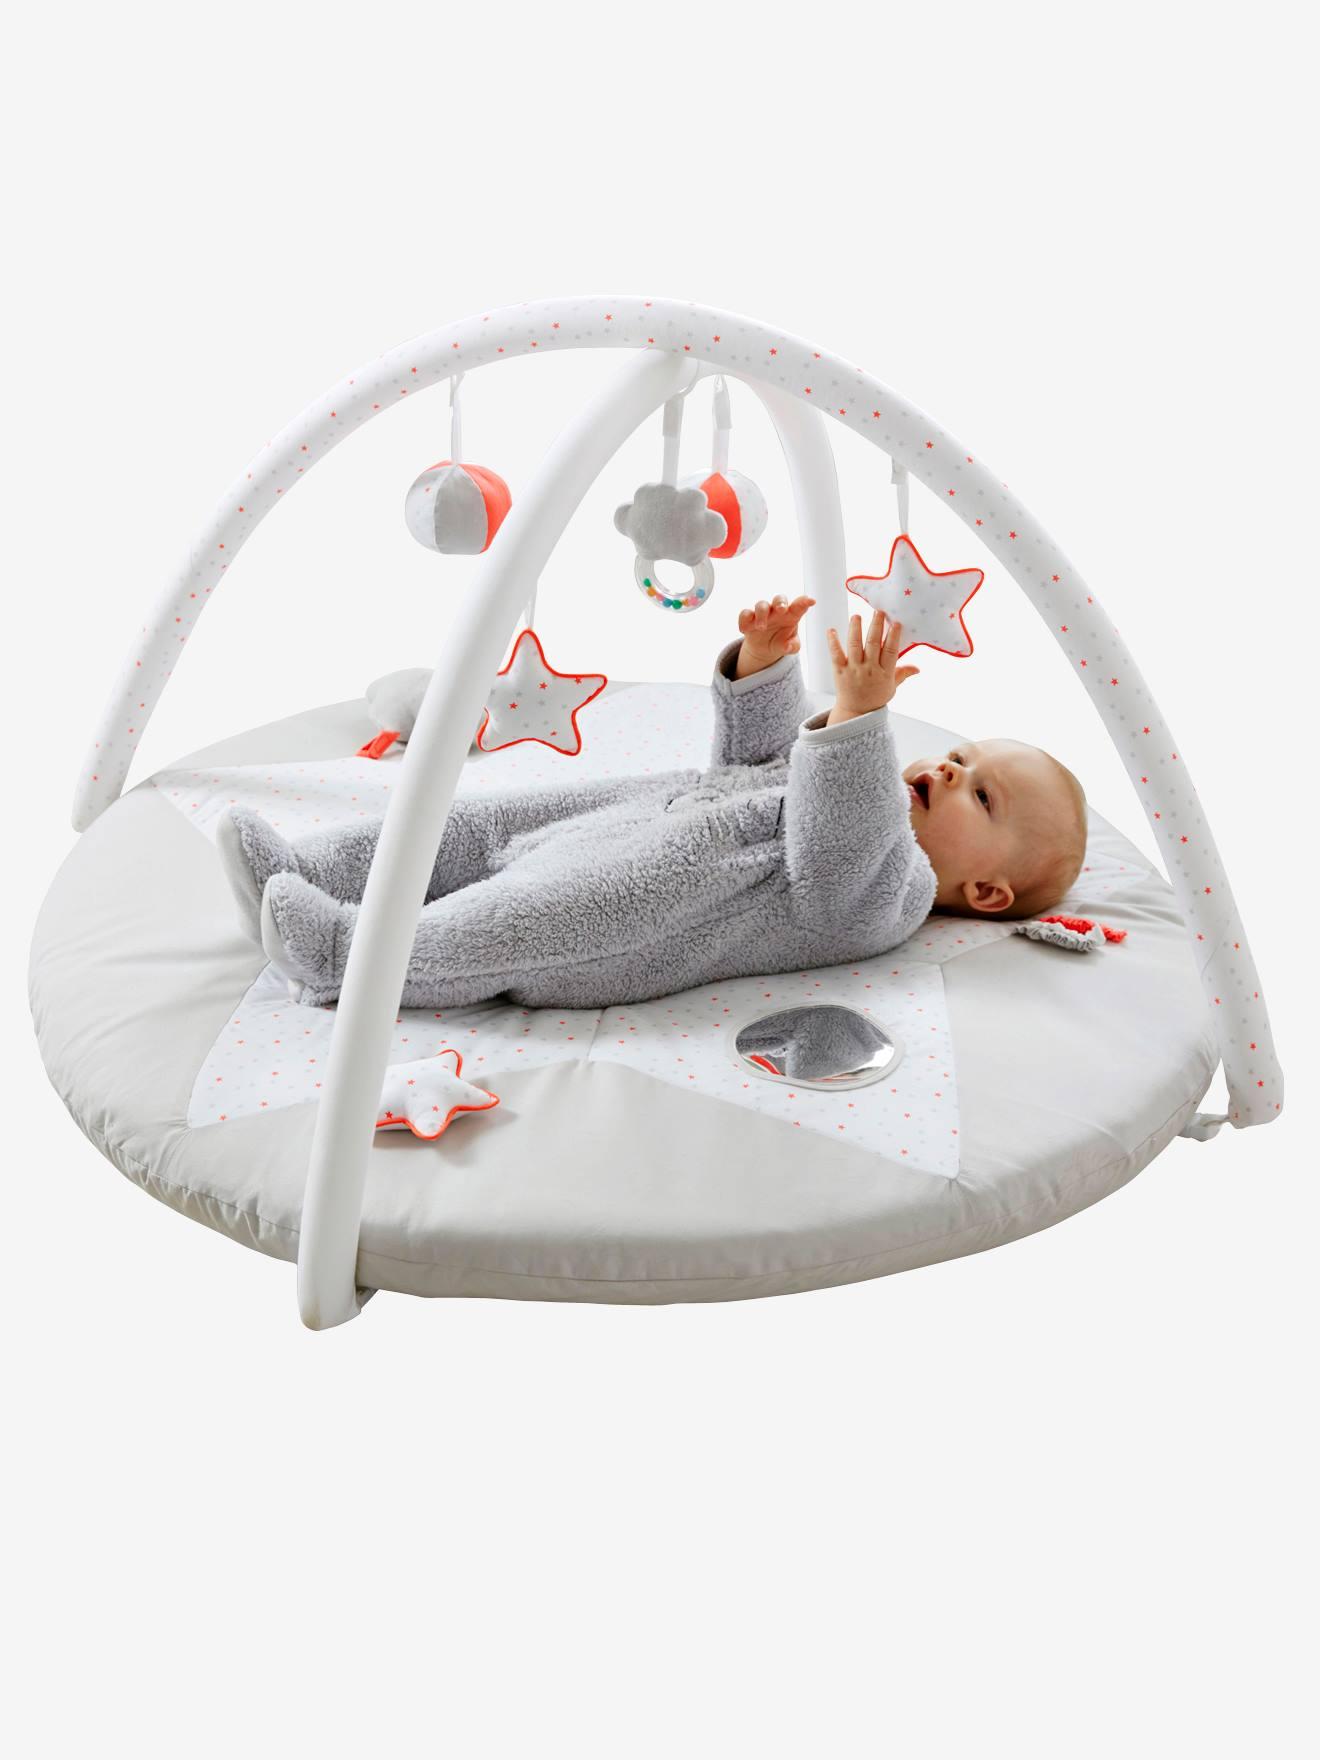 vertbaudet strasbourg affordable photo of vertbaudet with. Black Bedroom Furniture Sets. Home Design Ideas